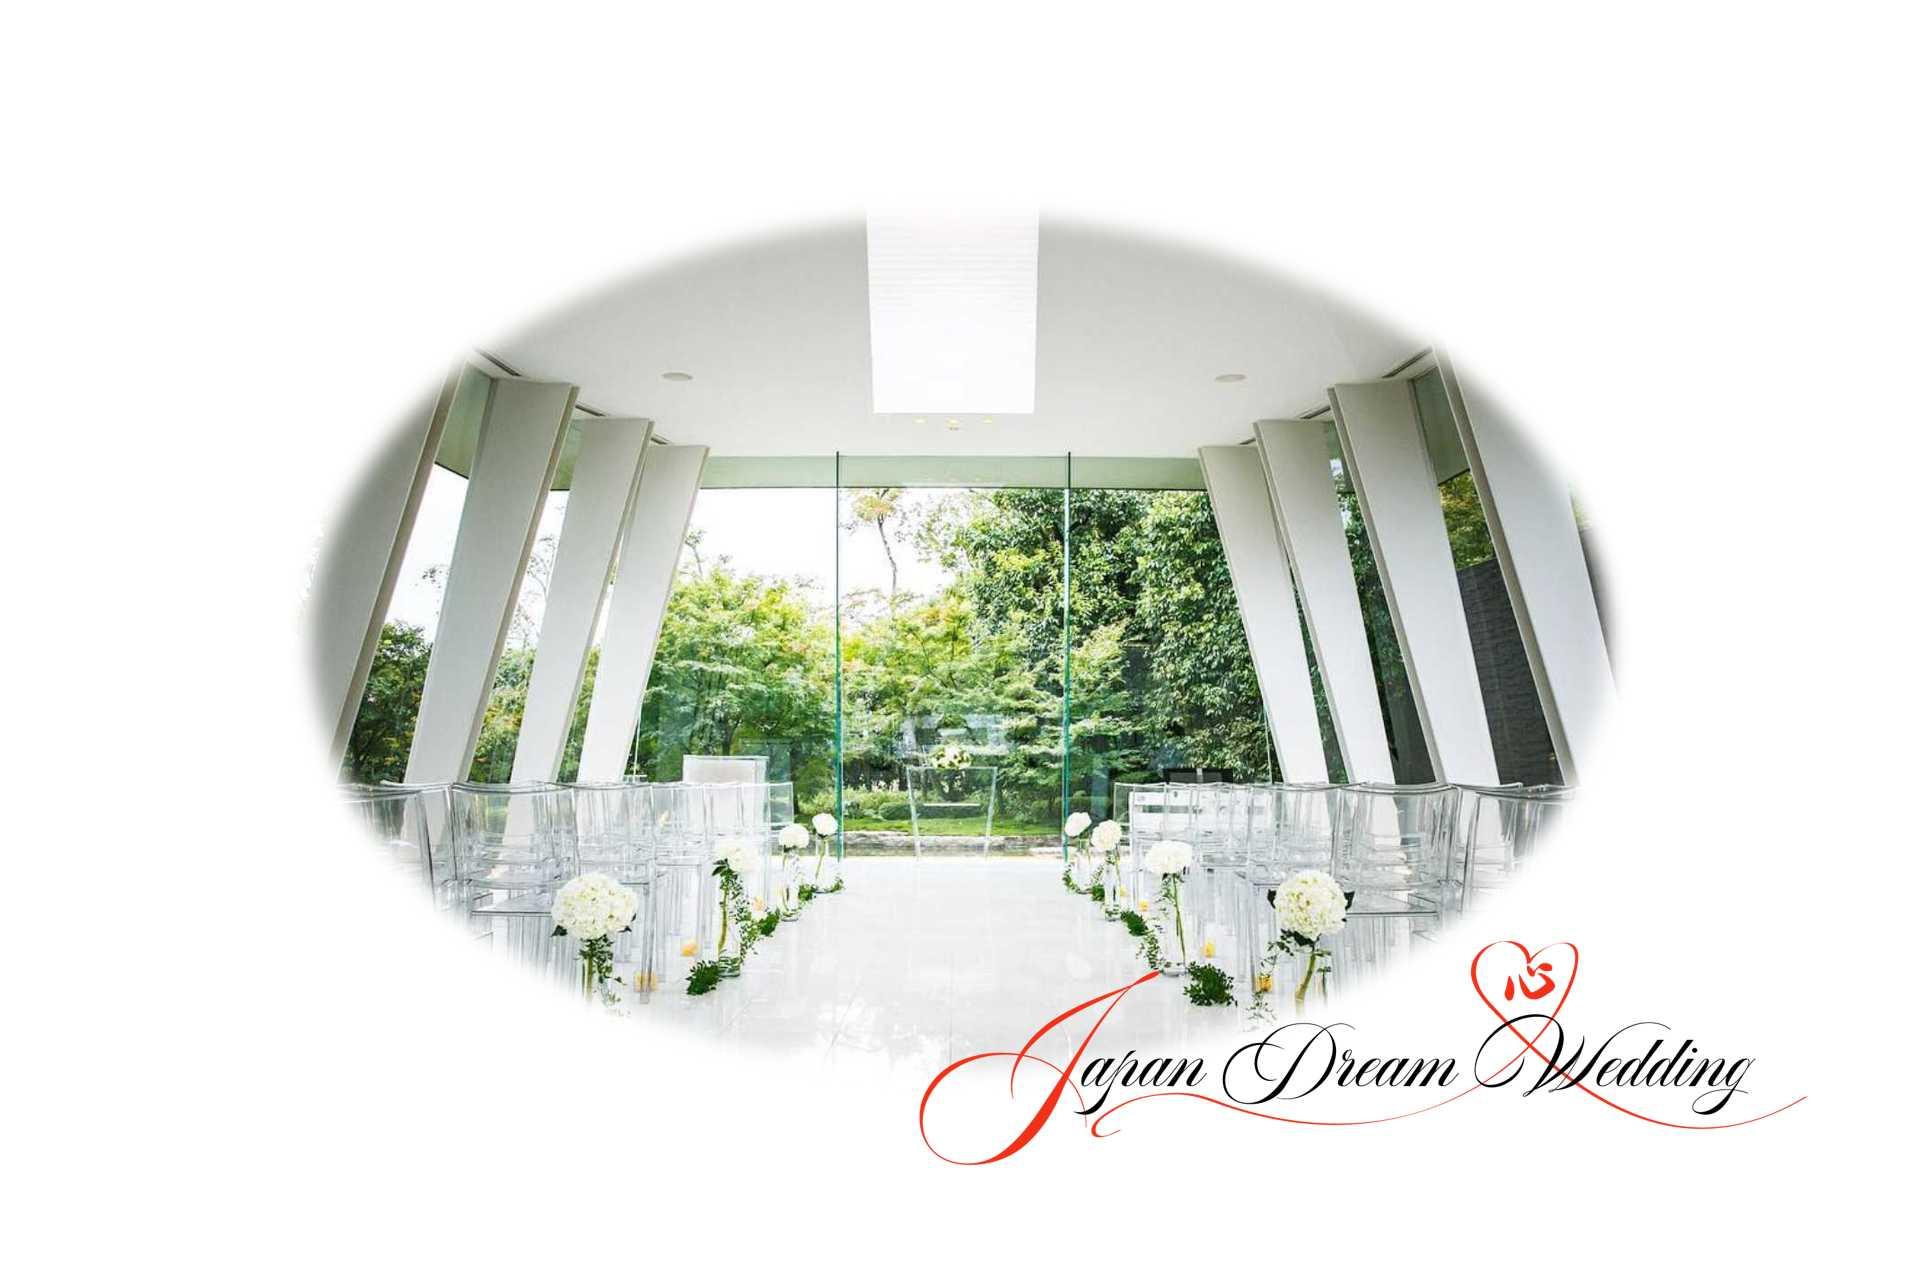 Japan Dream Wedding Venue Selection Services